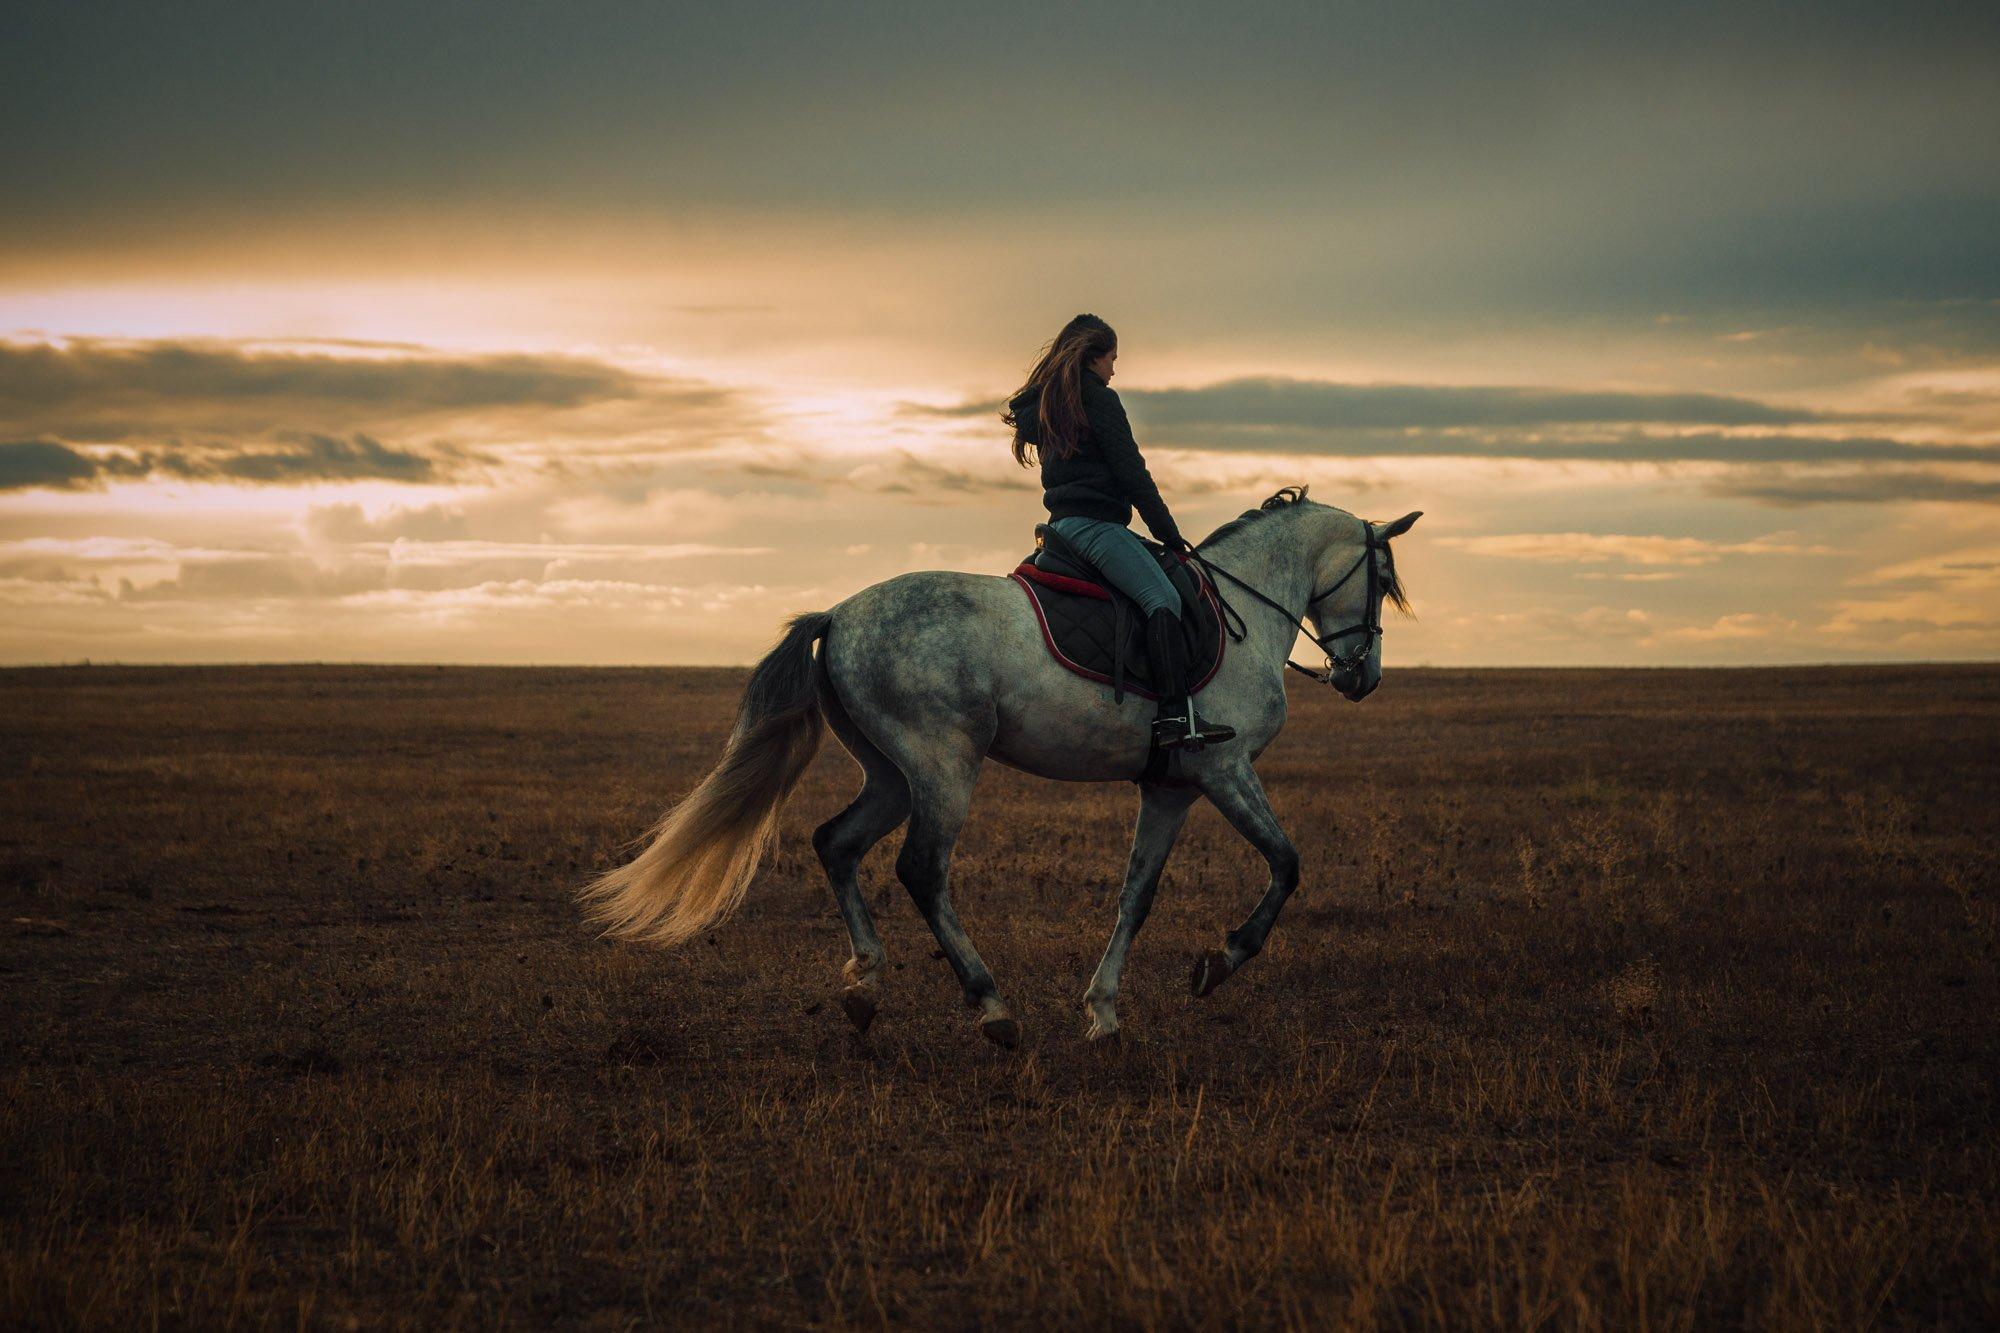 Atardecer caballo galopando - Linzex